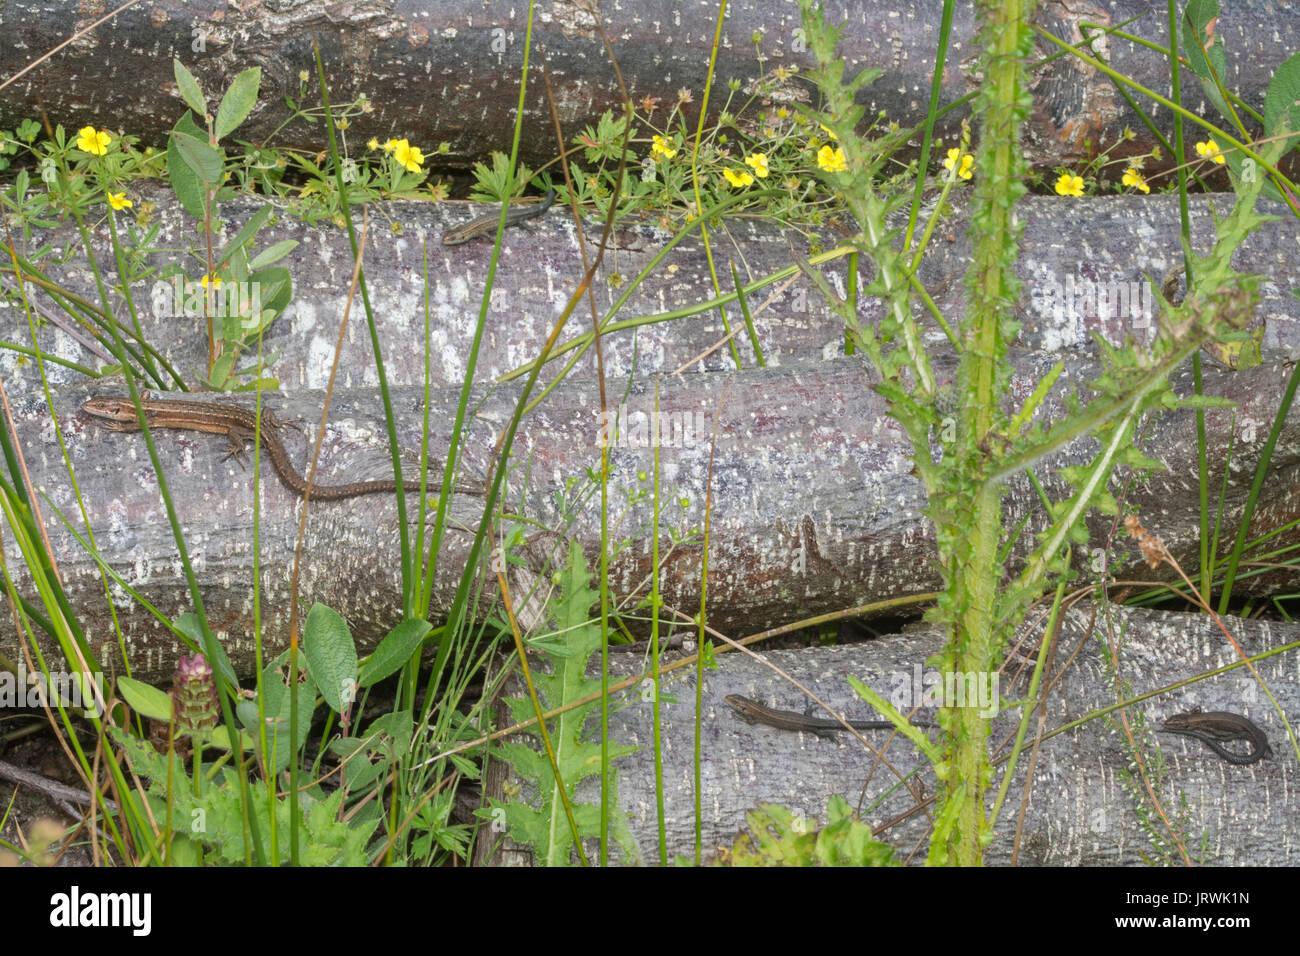 Les lézards communs adultes et juvéniles, aussi appelé lézard vivipare (Zootoca vivipara) au soleil sur une pile de journaux Banque D'Images